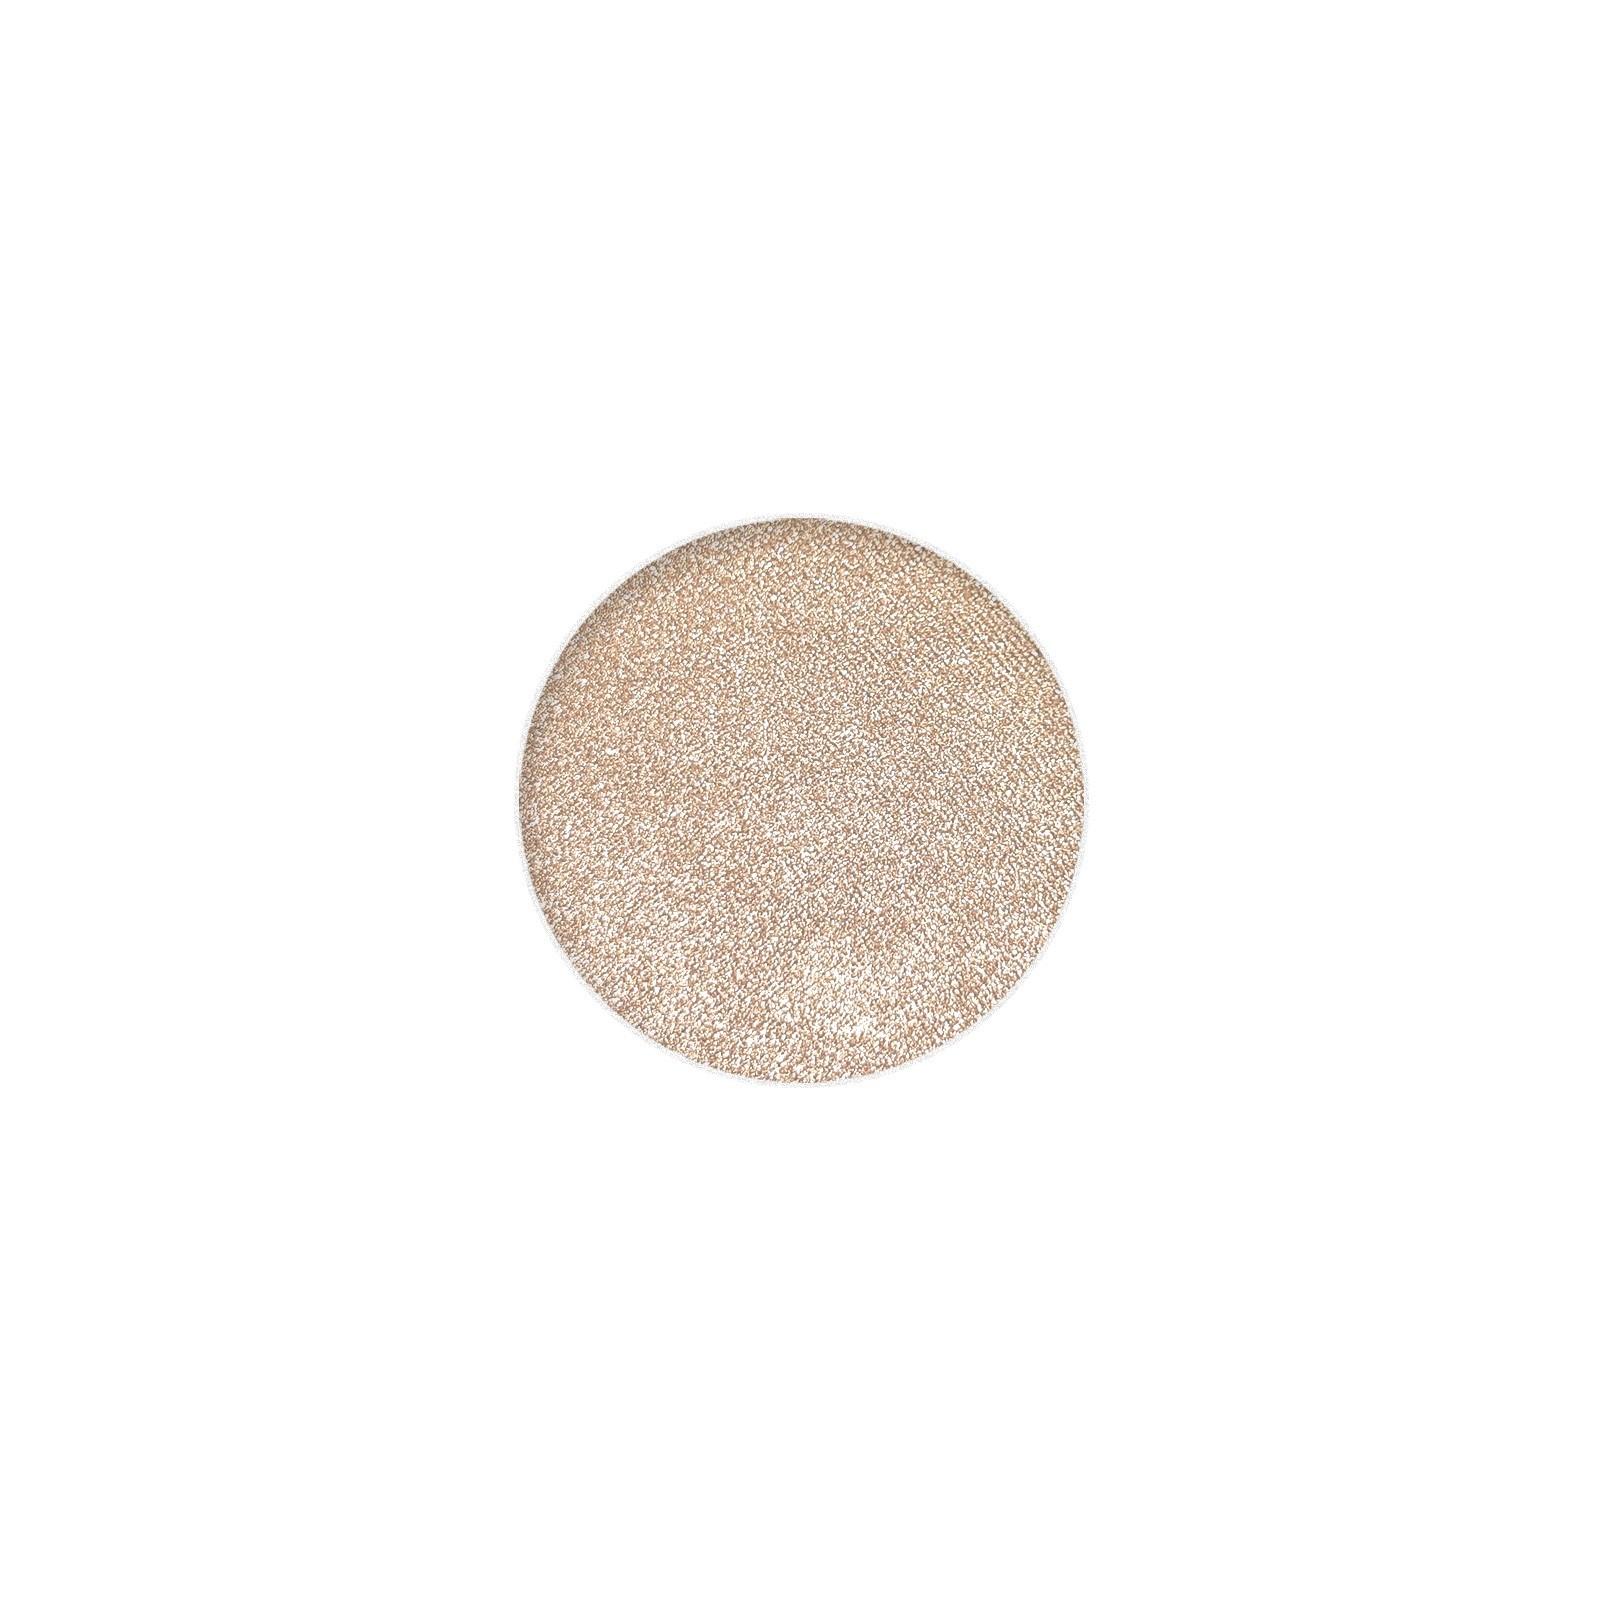 Sombra Mineral Unitária Refil 11